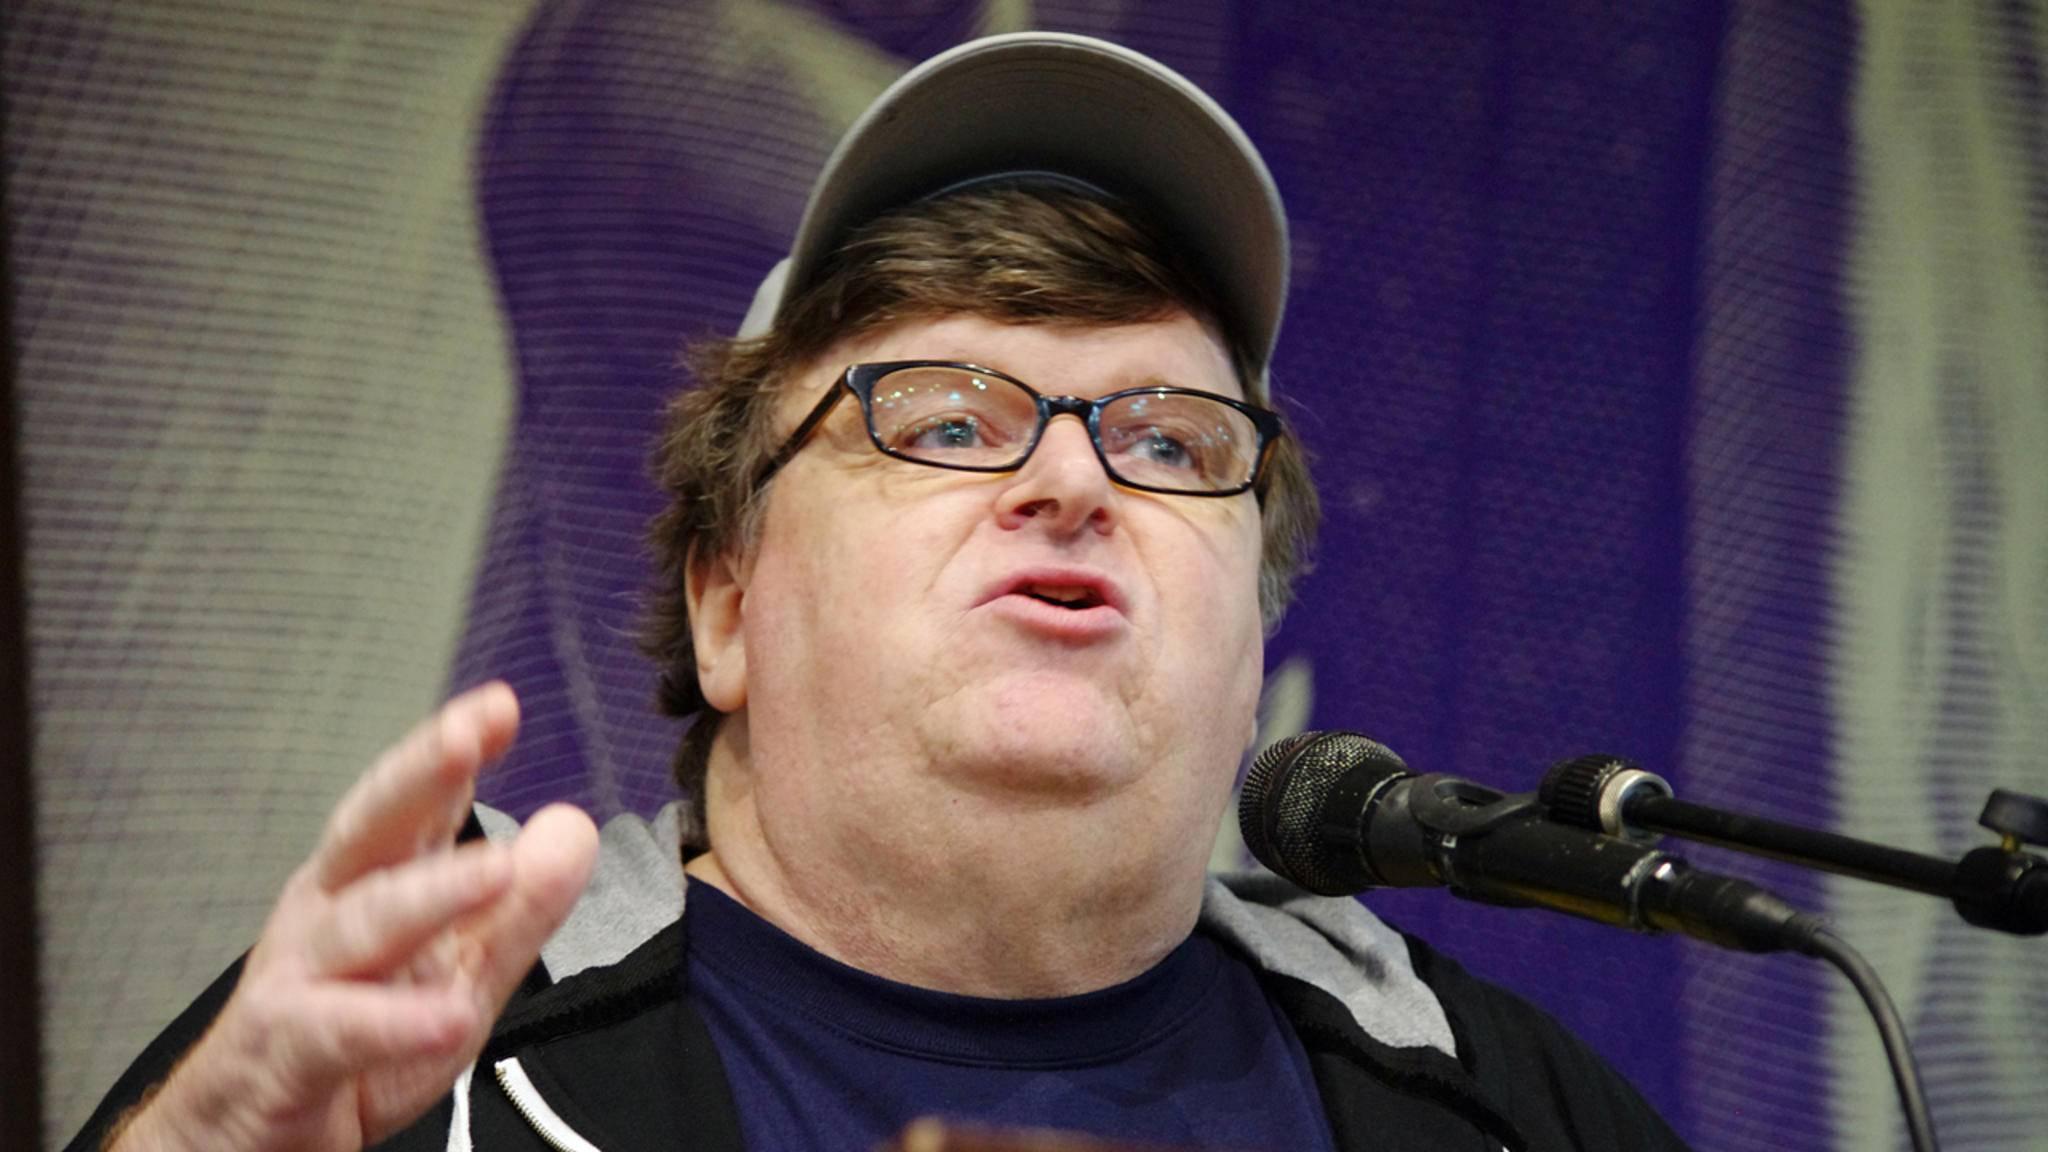 Oscarpreisträger Michael Moore macht seinem Ruf als politischer Filmemacher alle Ehre und mischt sich in den US-Wahlkampf ein.